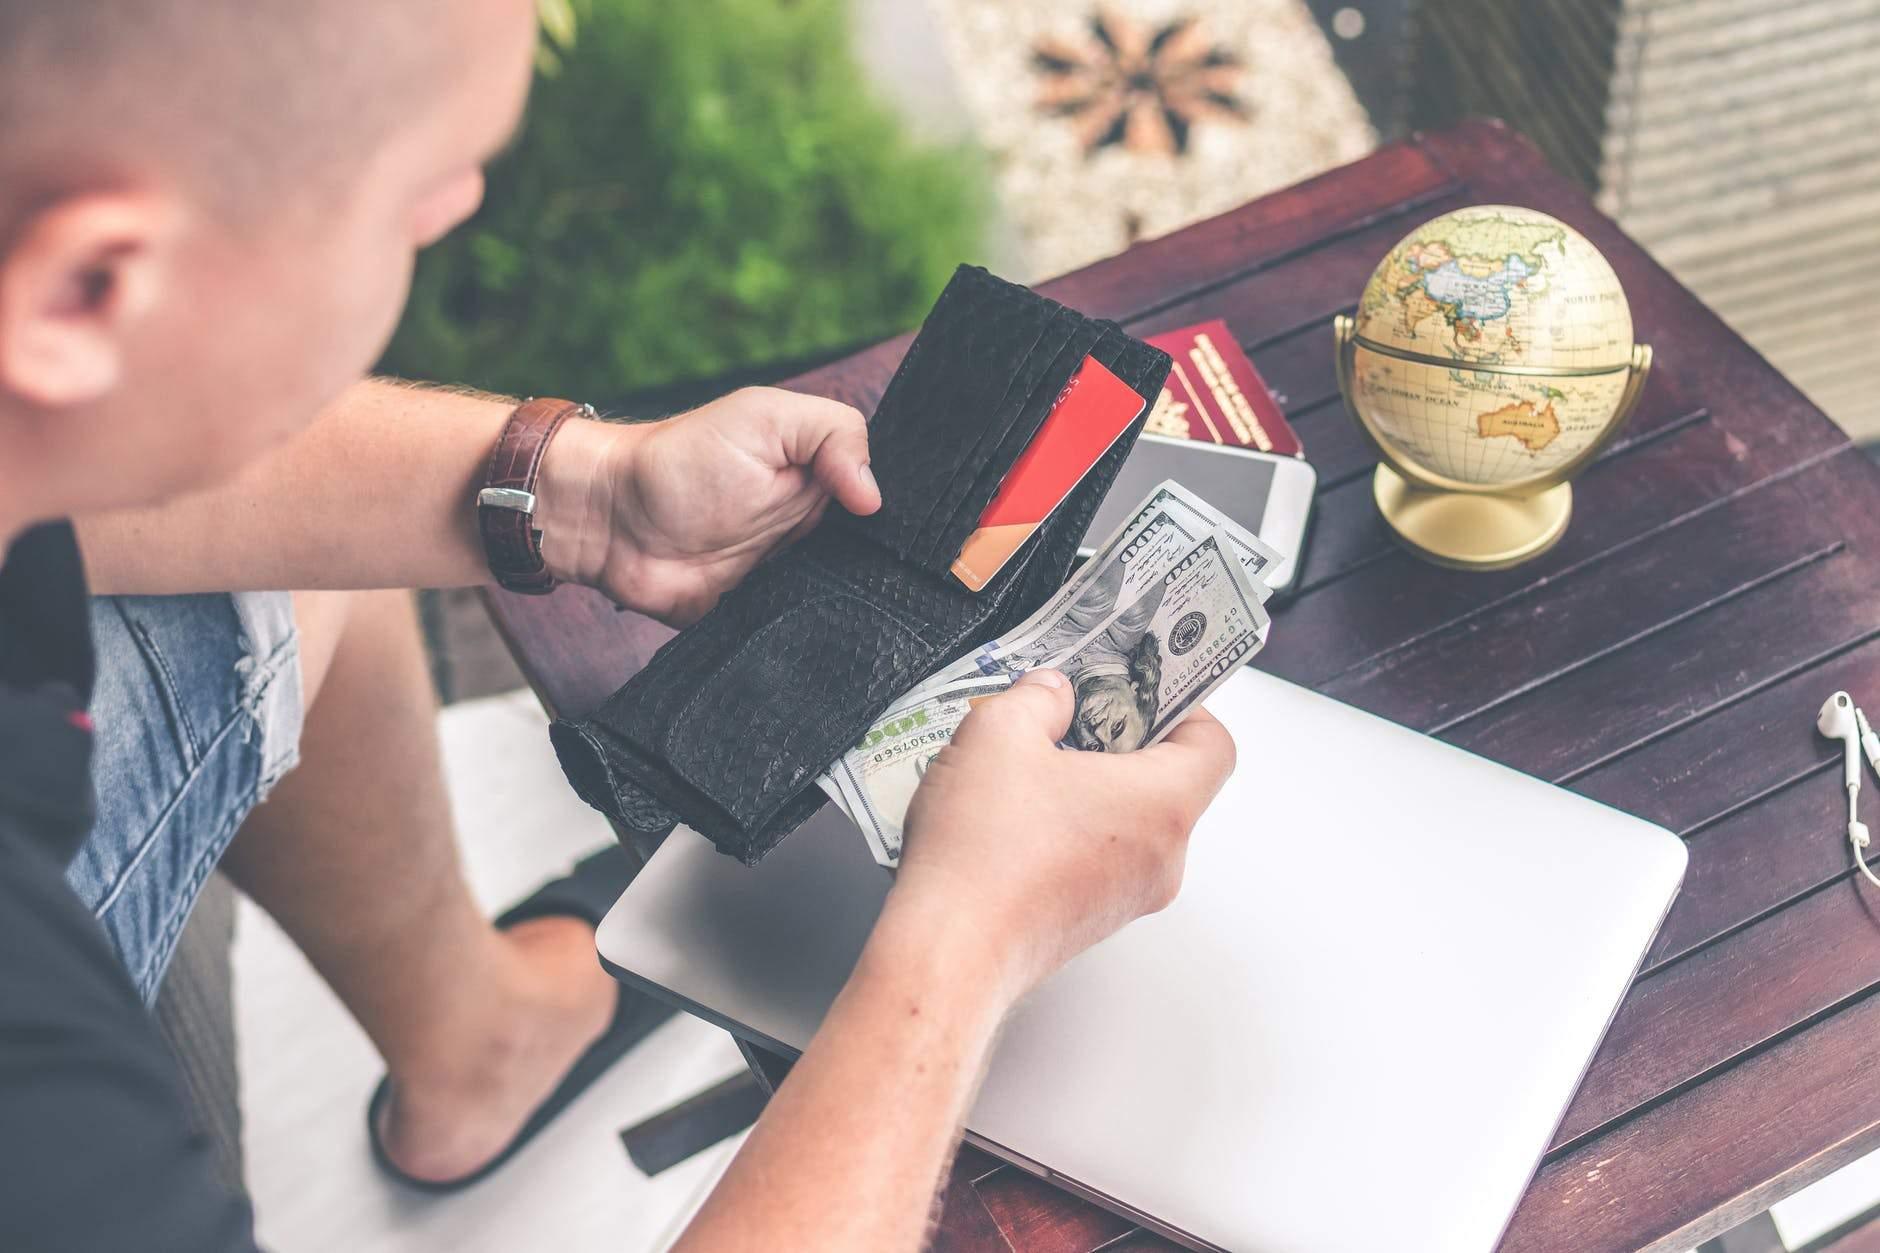 Đáo hạn thẻ tín dụng là hình thức bất hợp pháp